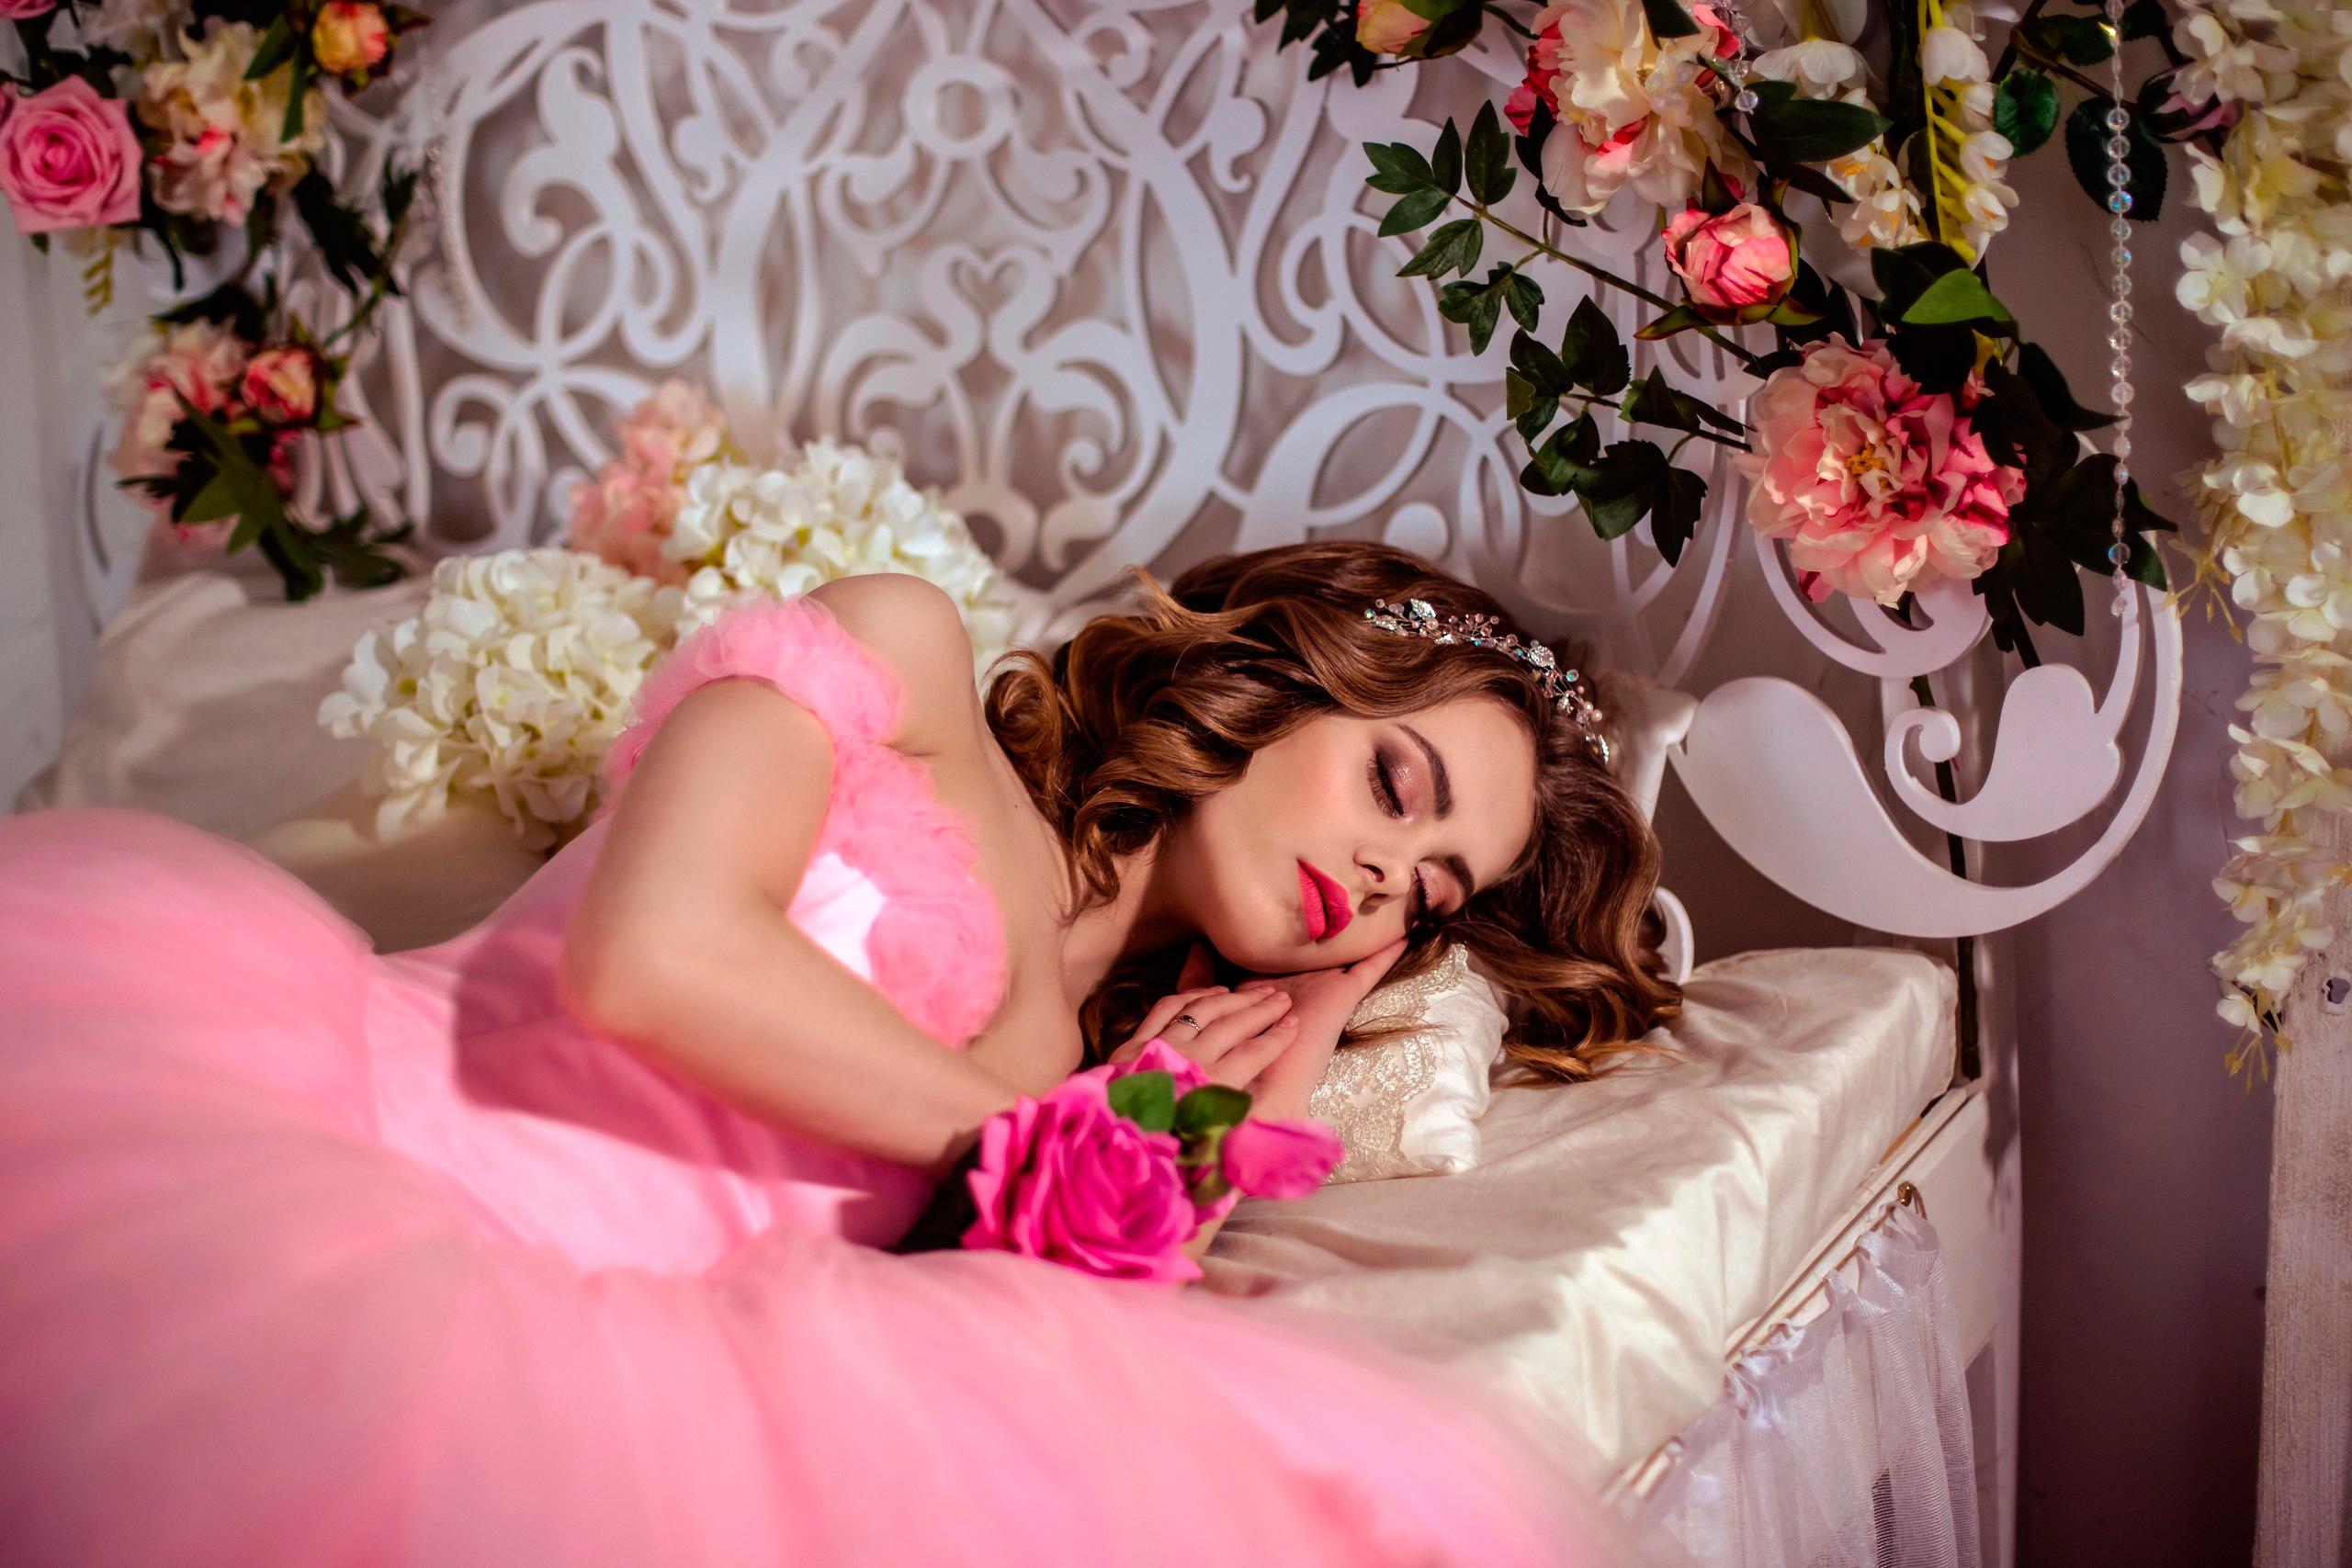 активного производства сон девушка с цветами работа кондитера Таганроге